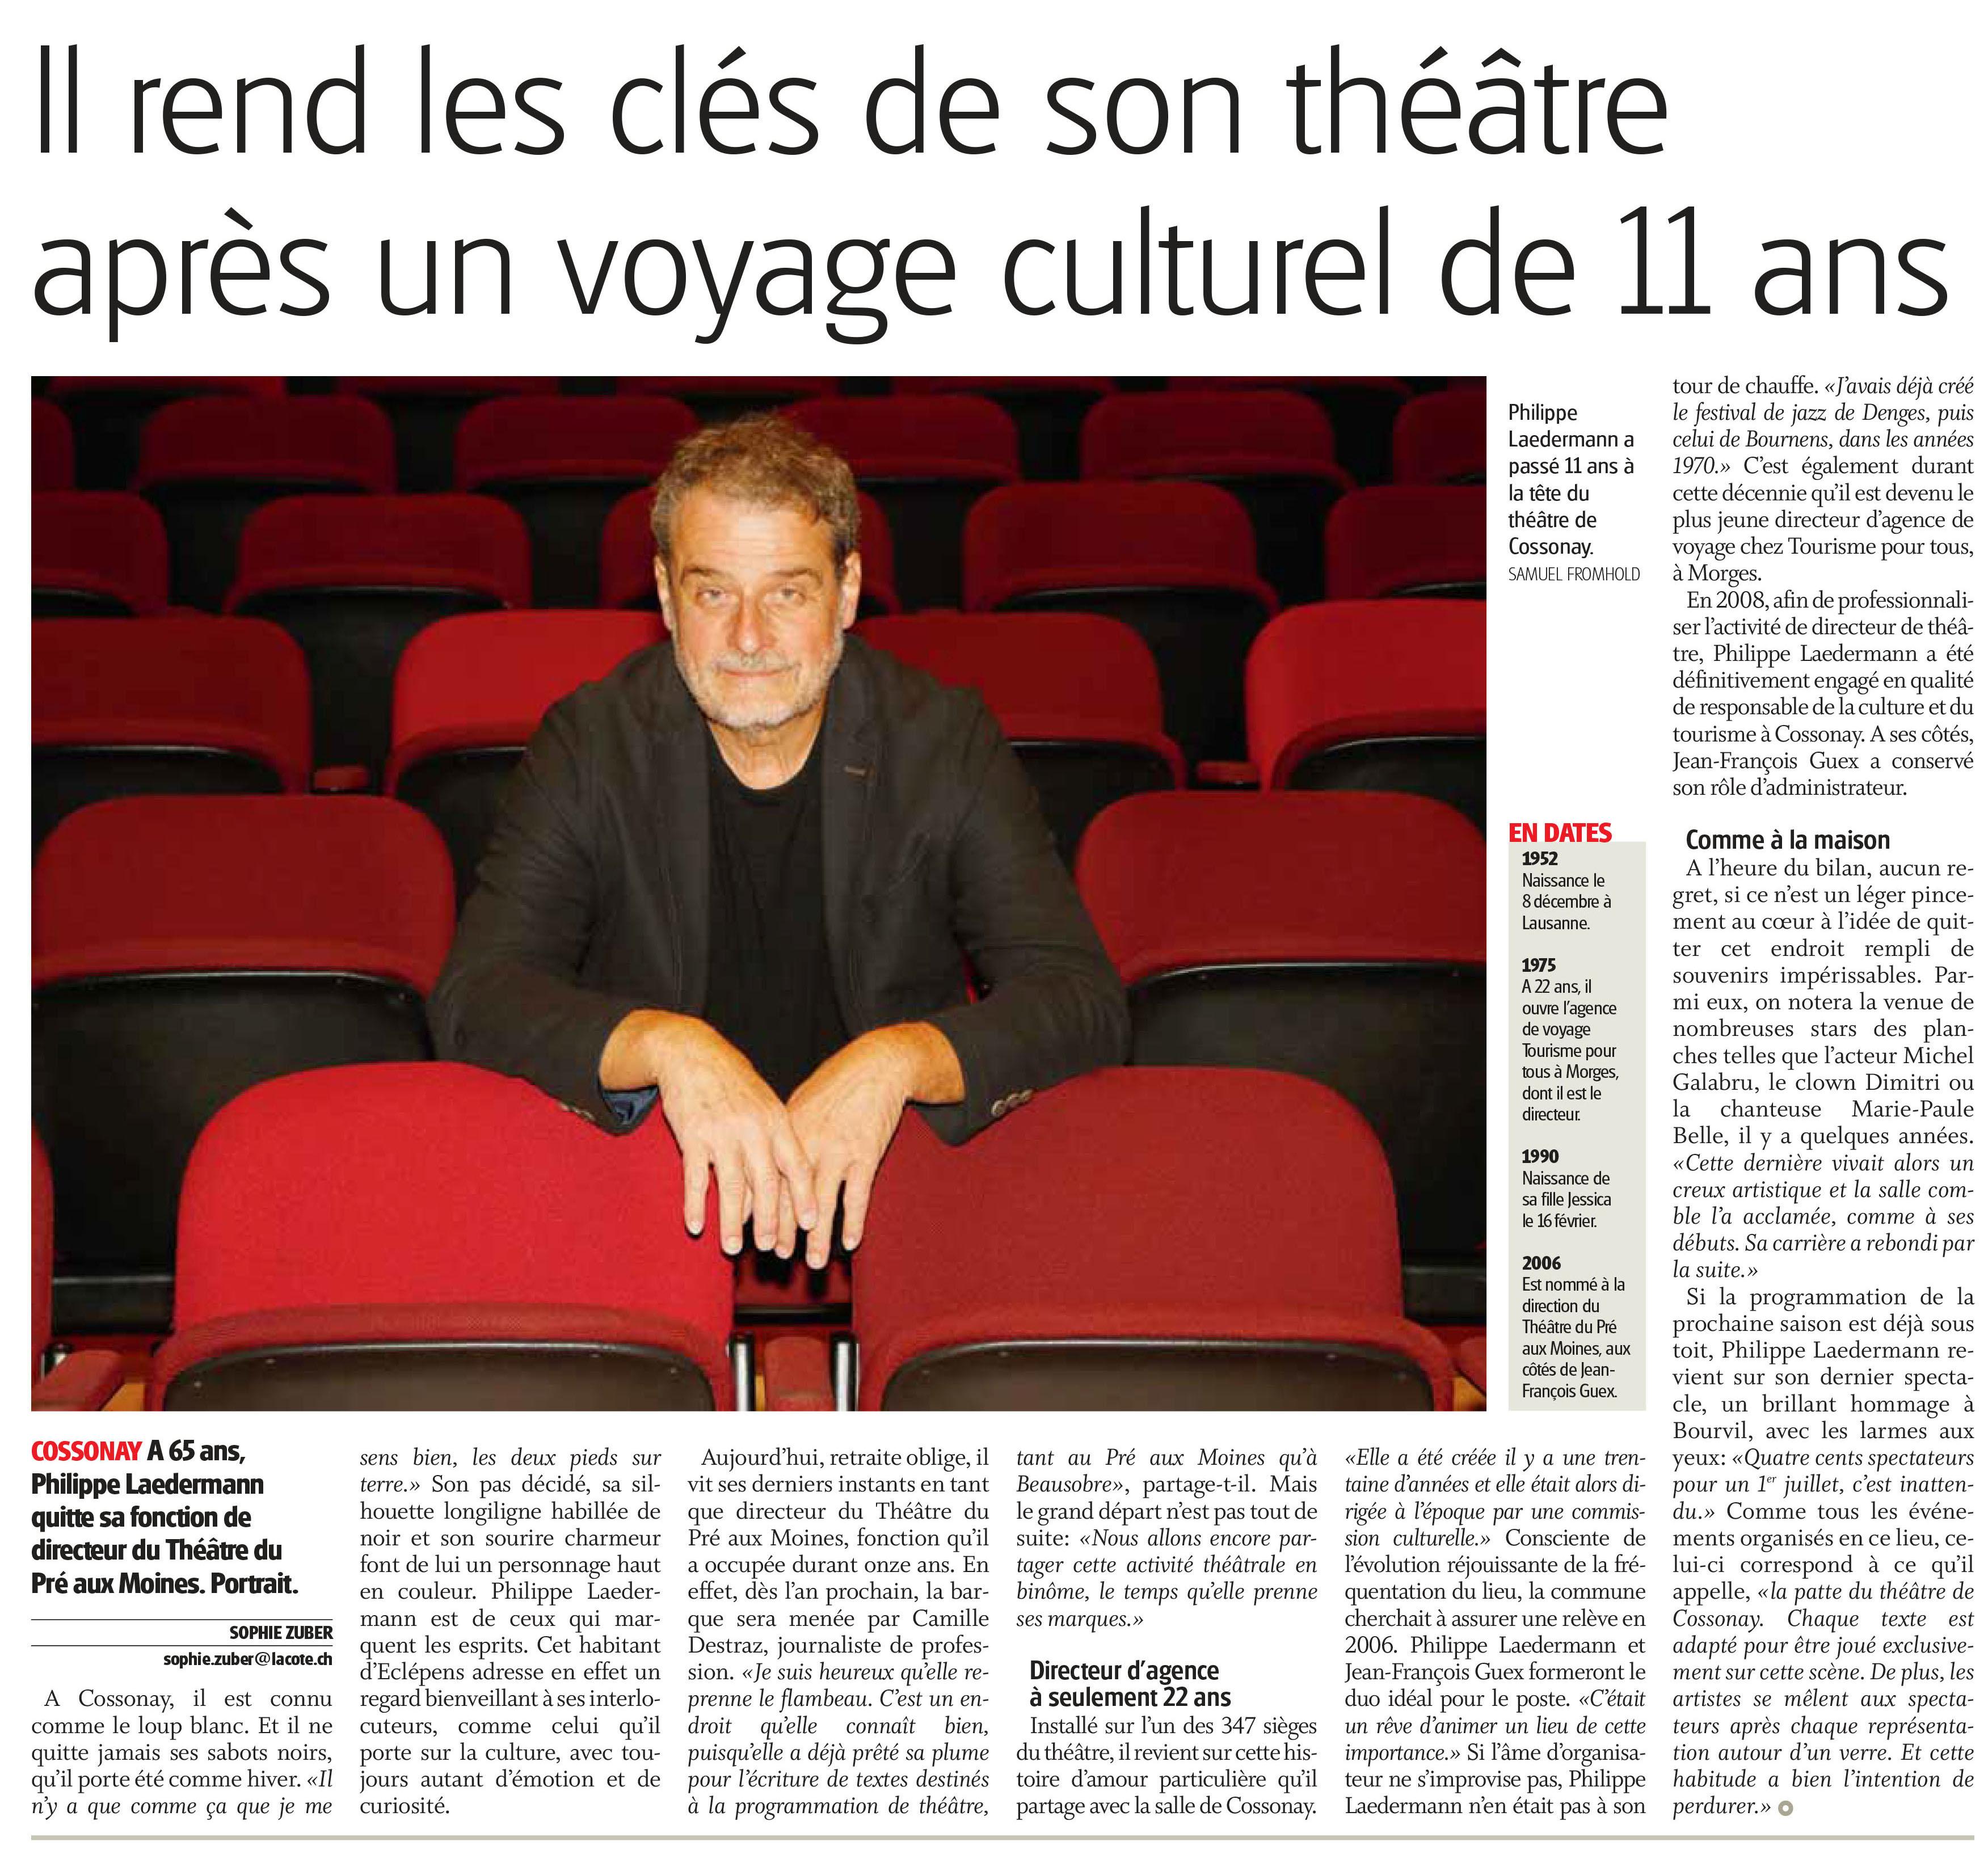 La Côte, 04.08.2017